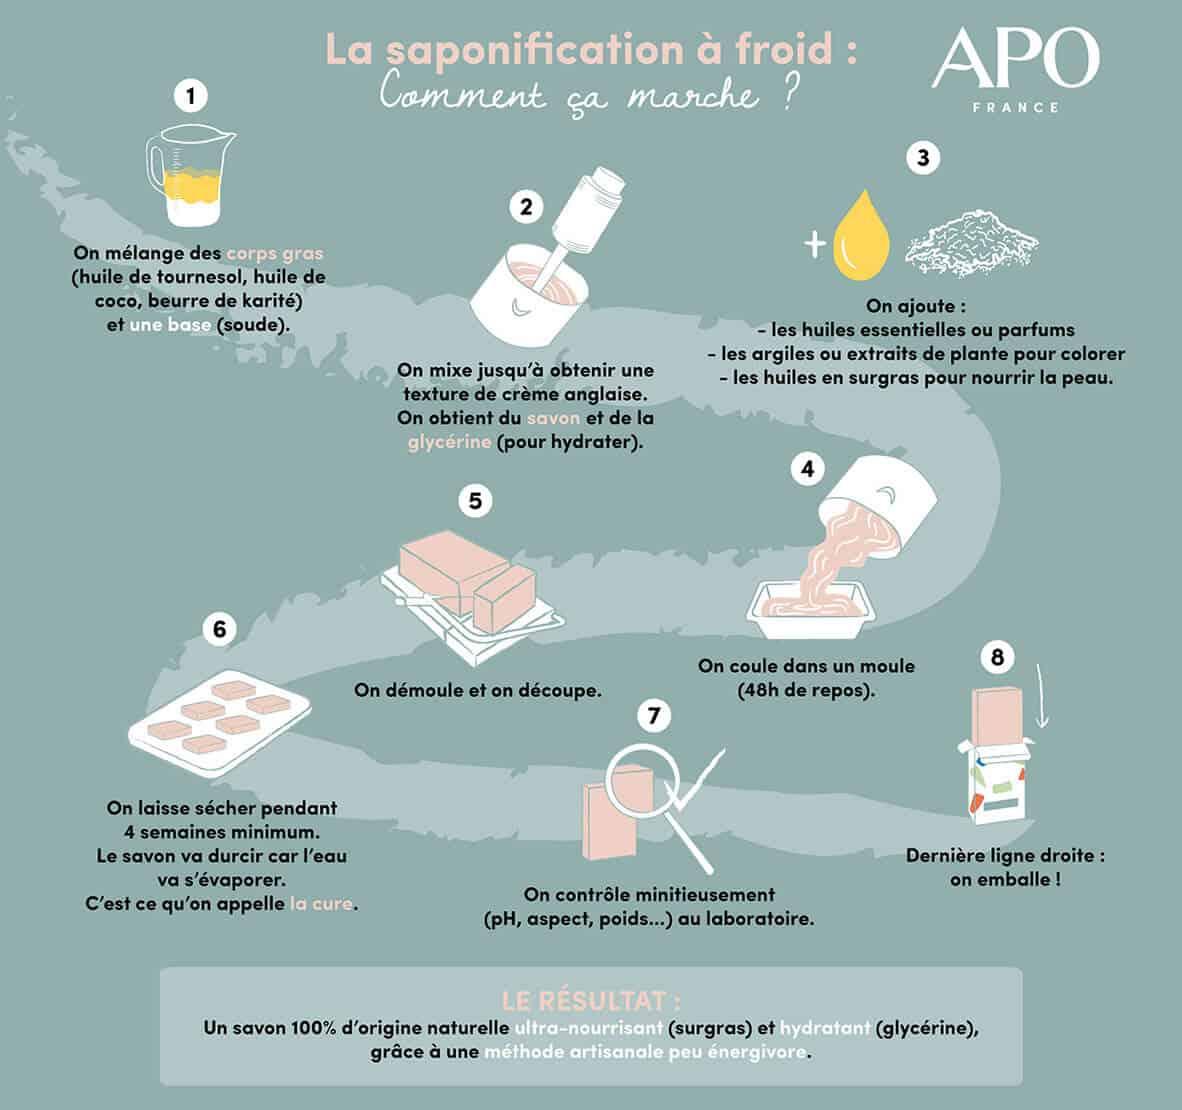 La saponification à froid : comment ça marche ?